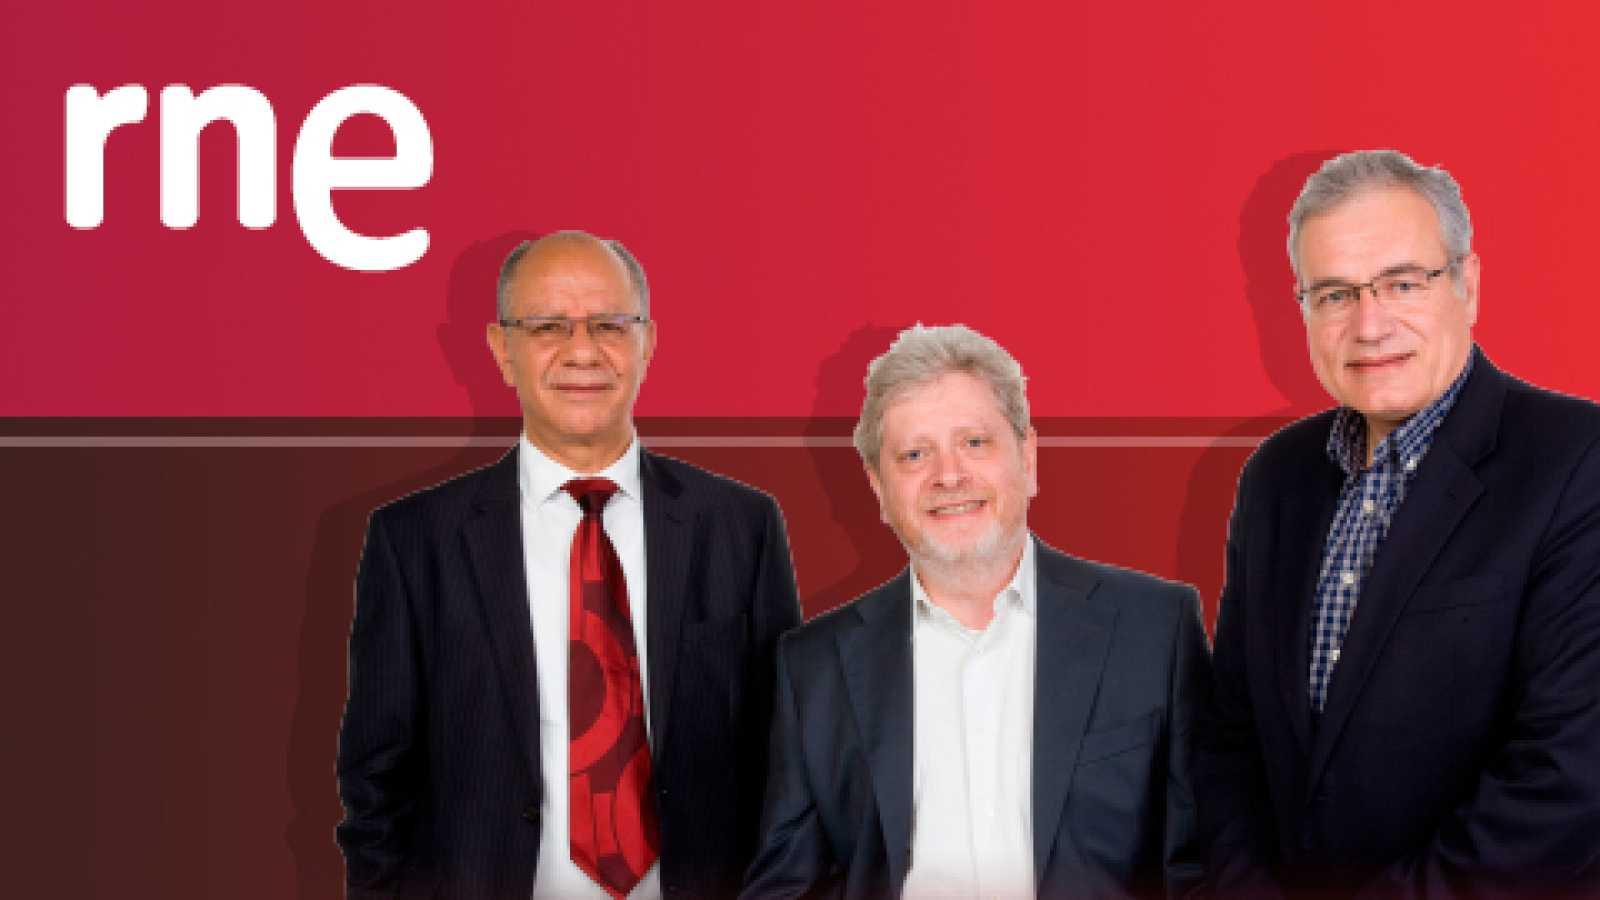 Fe y convivencia - Miradas: Congreso tolerancia - 26/01/20 - Escuchar ahora